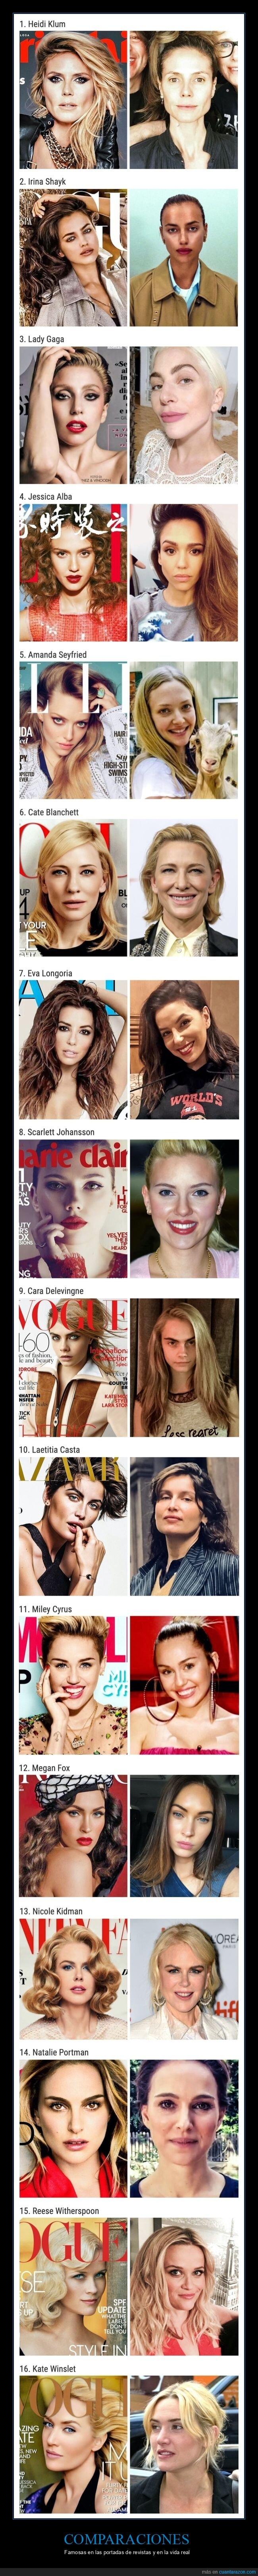 comparaciones,famosos,revistas,vida real